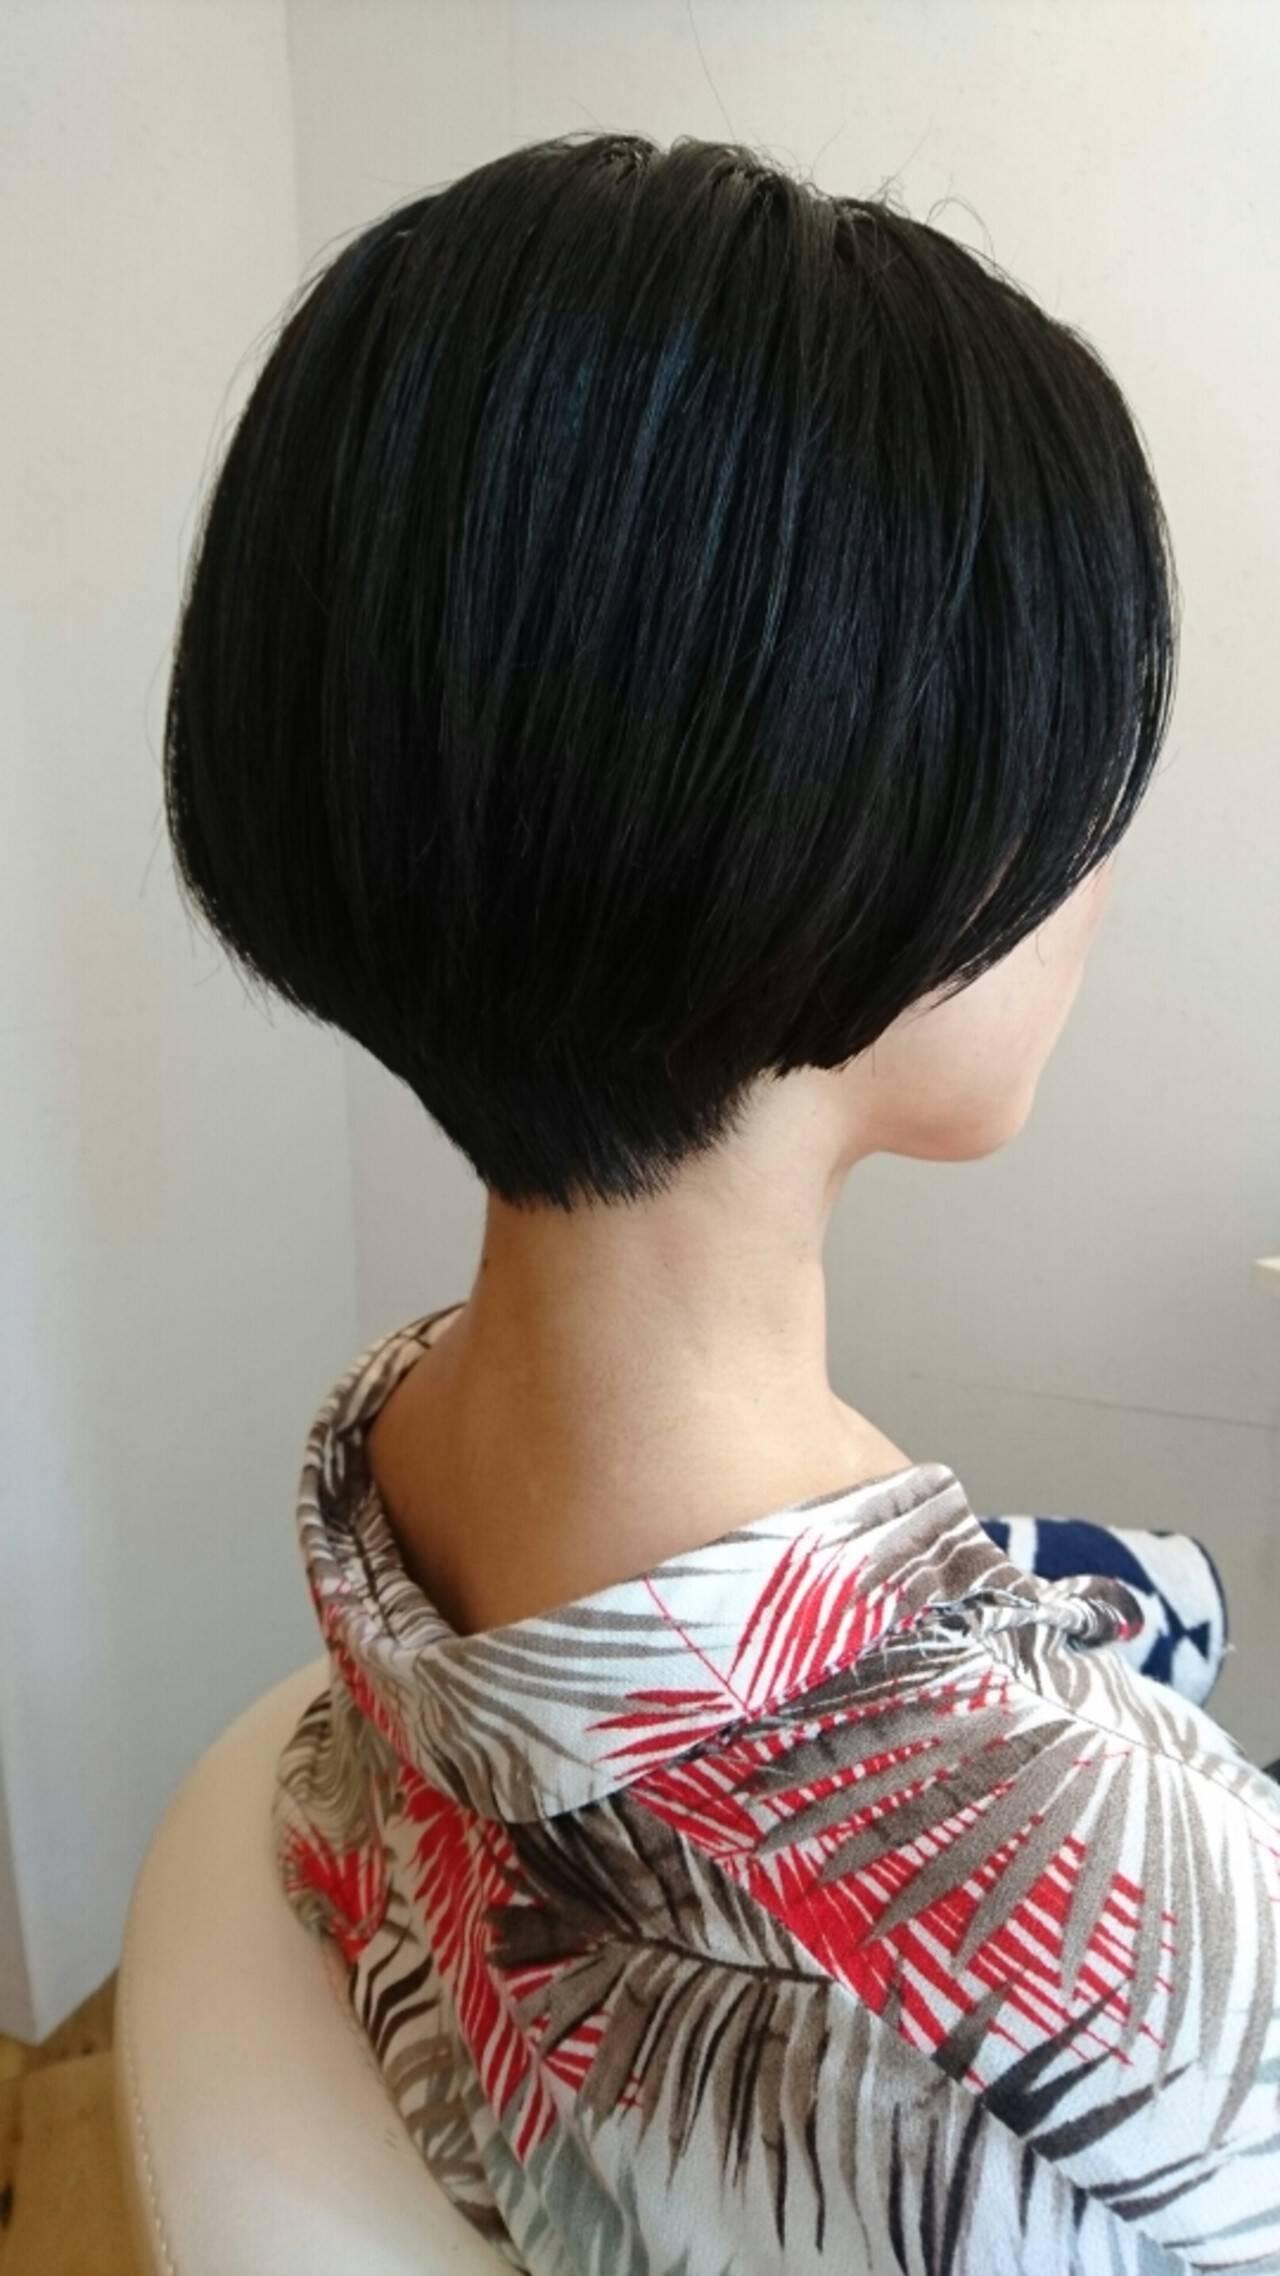 モード ナチュラル ストレート 黒髪ヘアスタイルや髪型の写真・画像